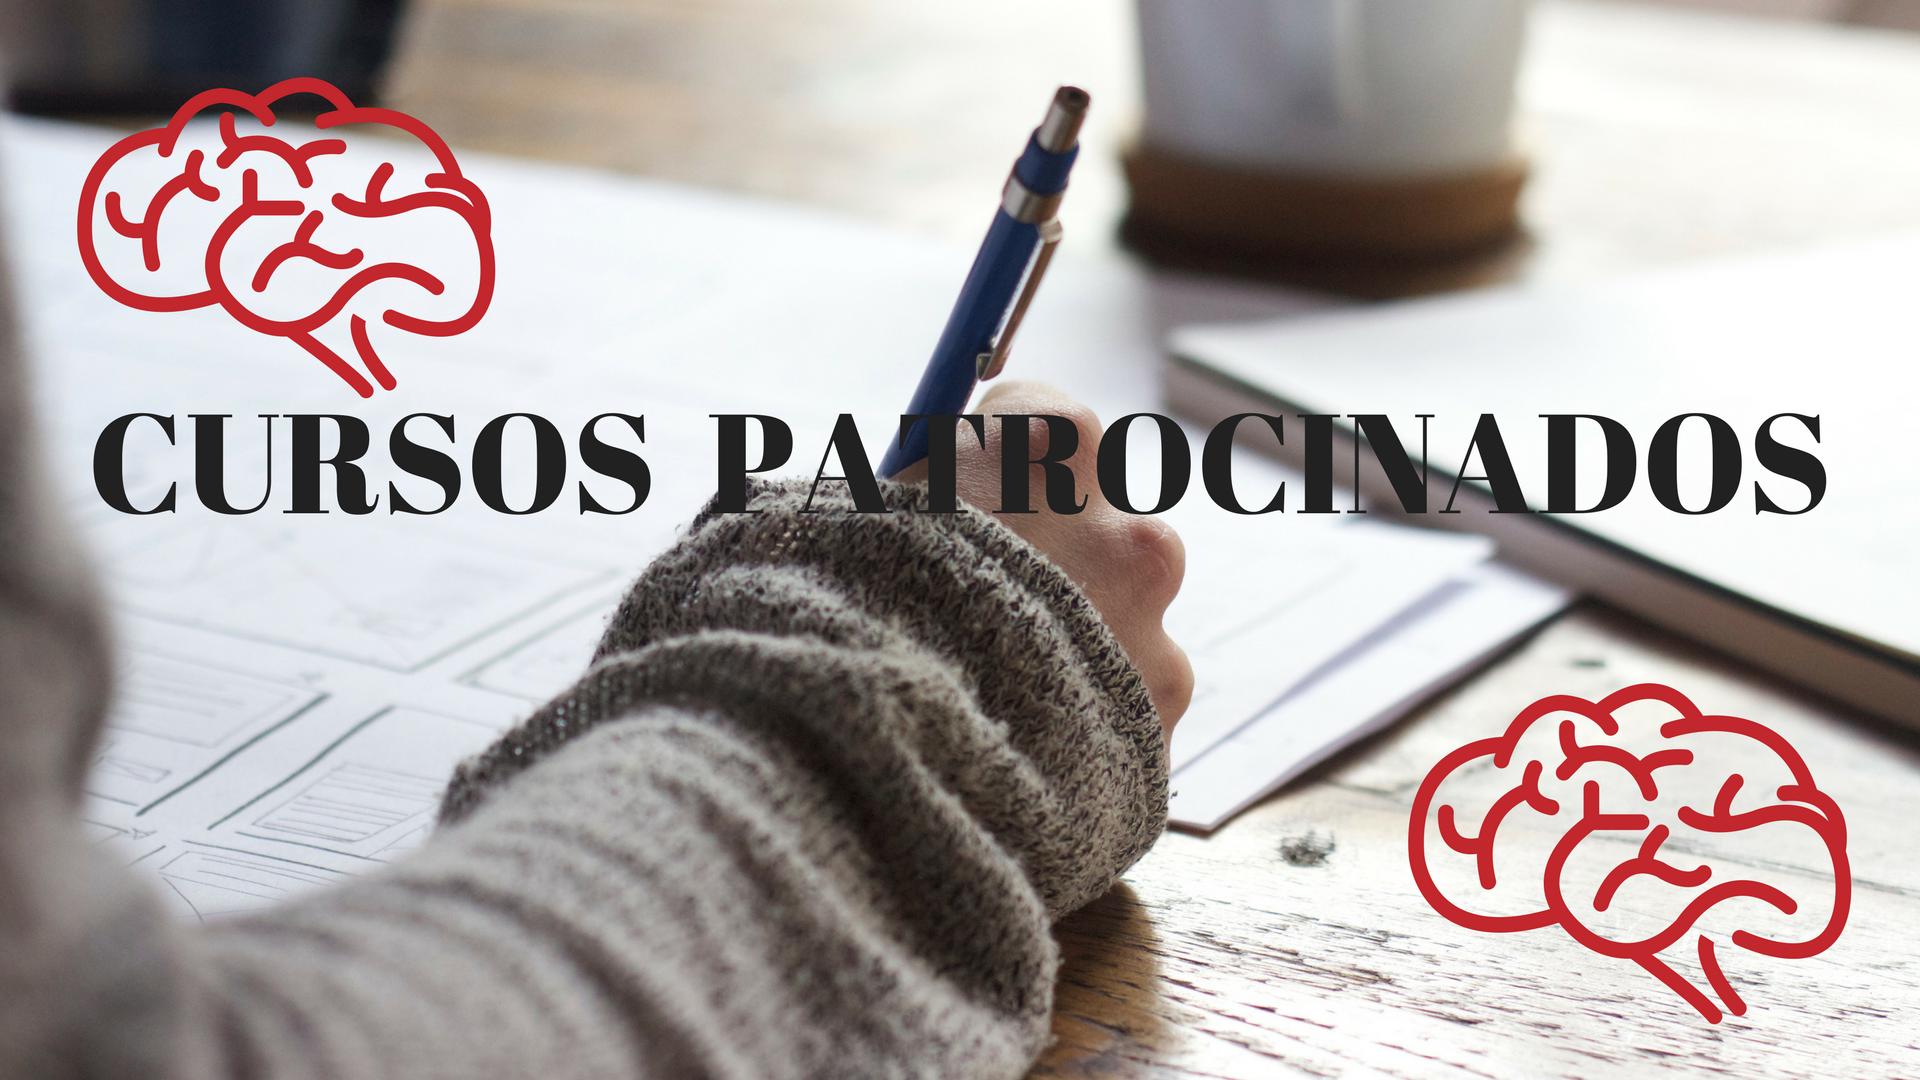 CURSOS PATROCINADOS